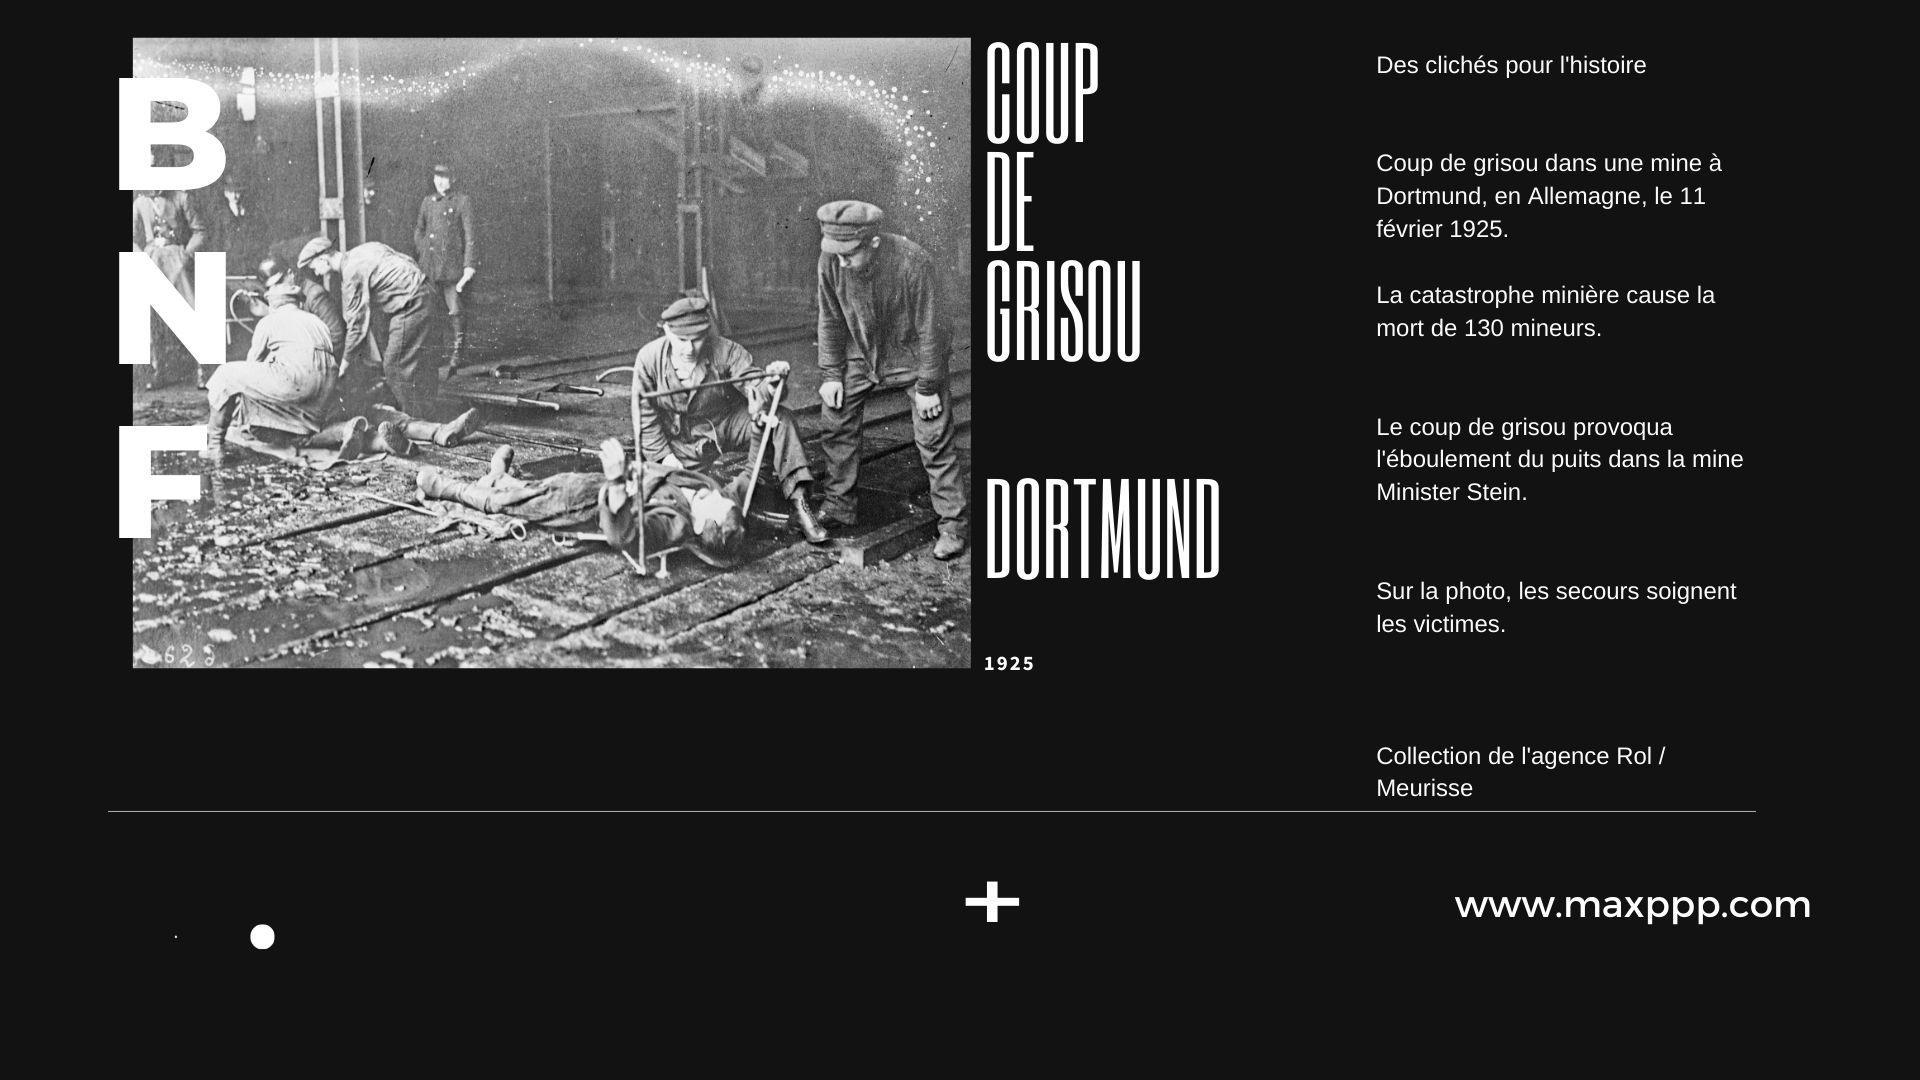 Coup de grisou à Dortmund